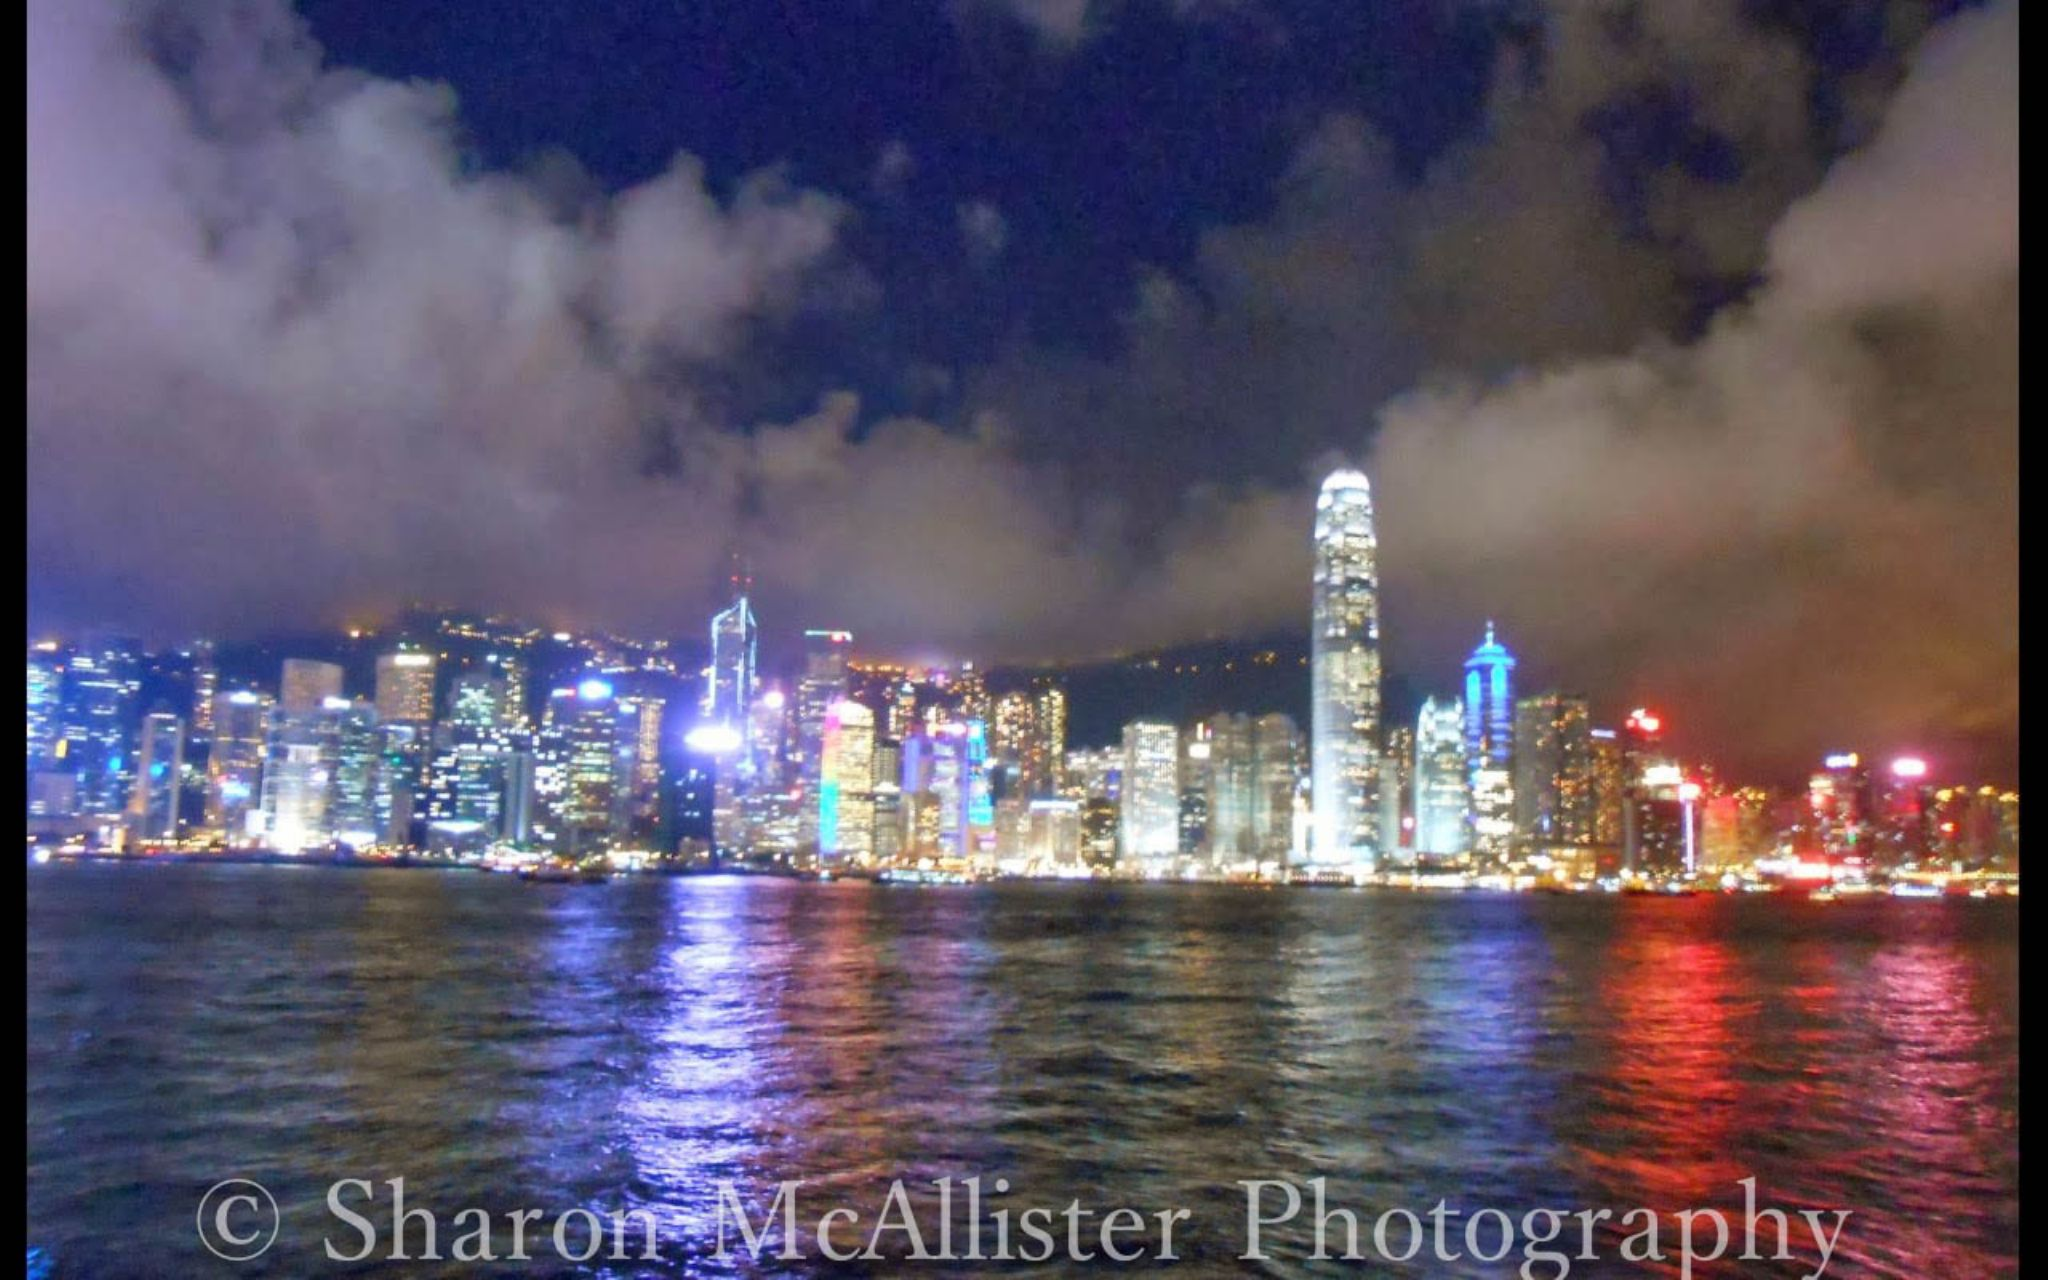 Hong Kong at Night by Sharon McAllister